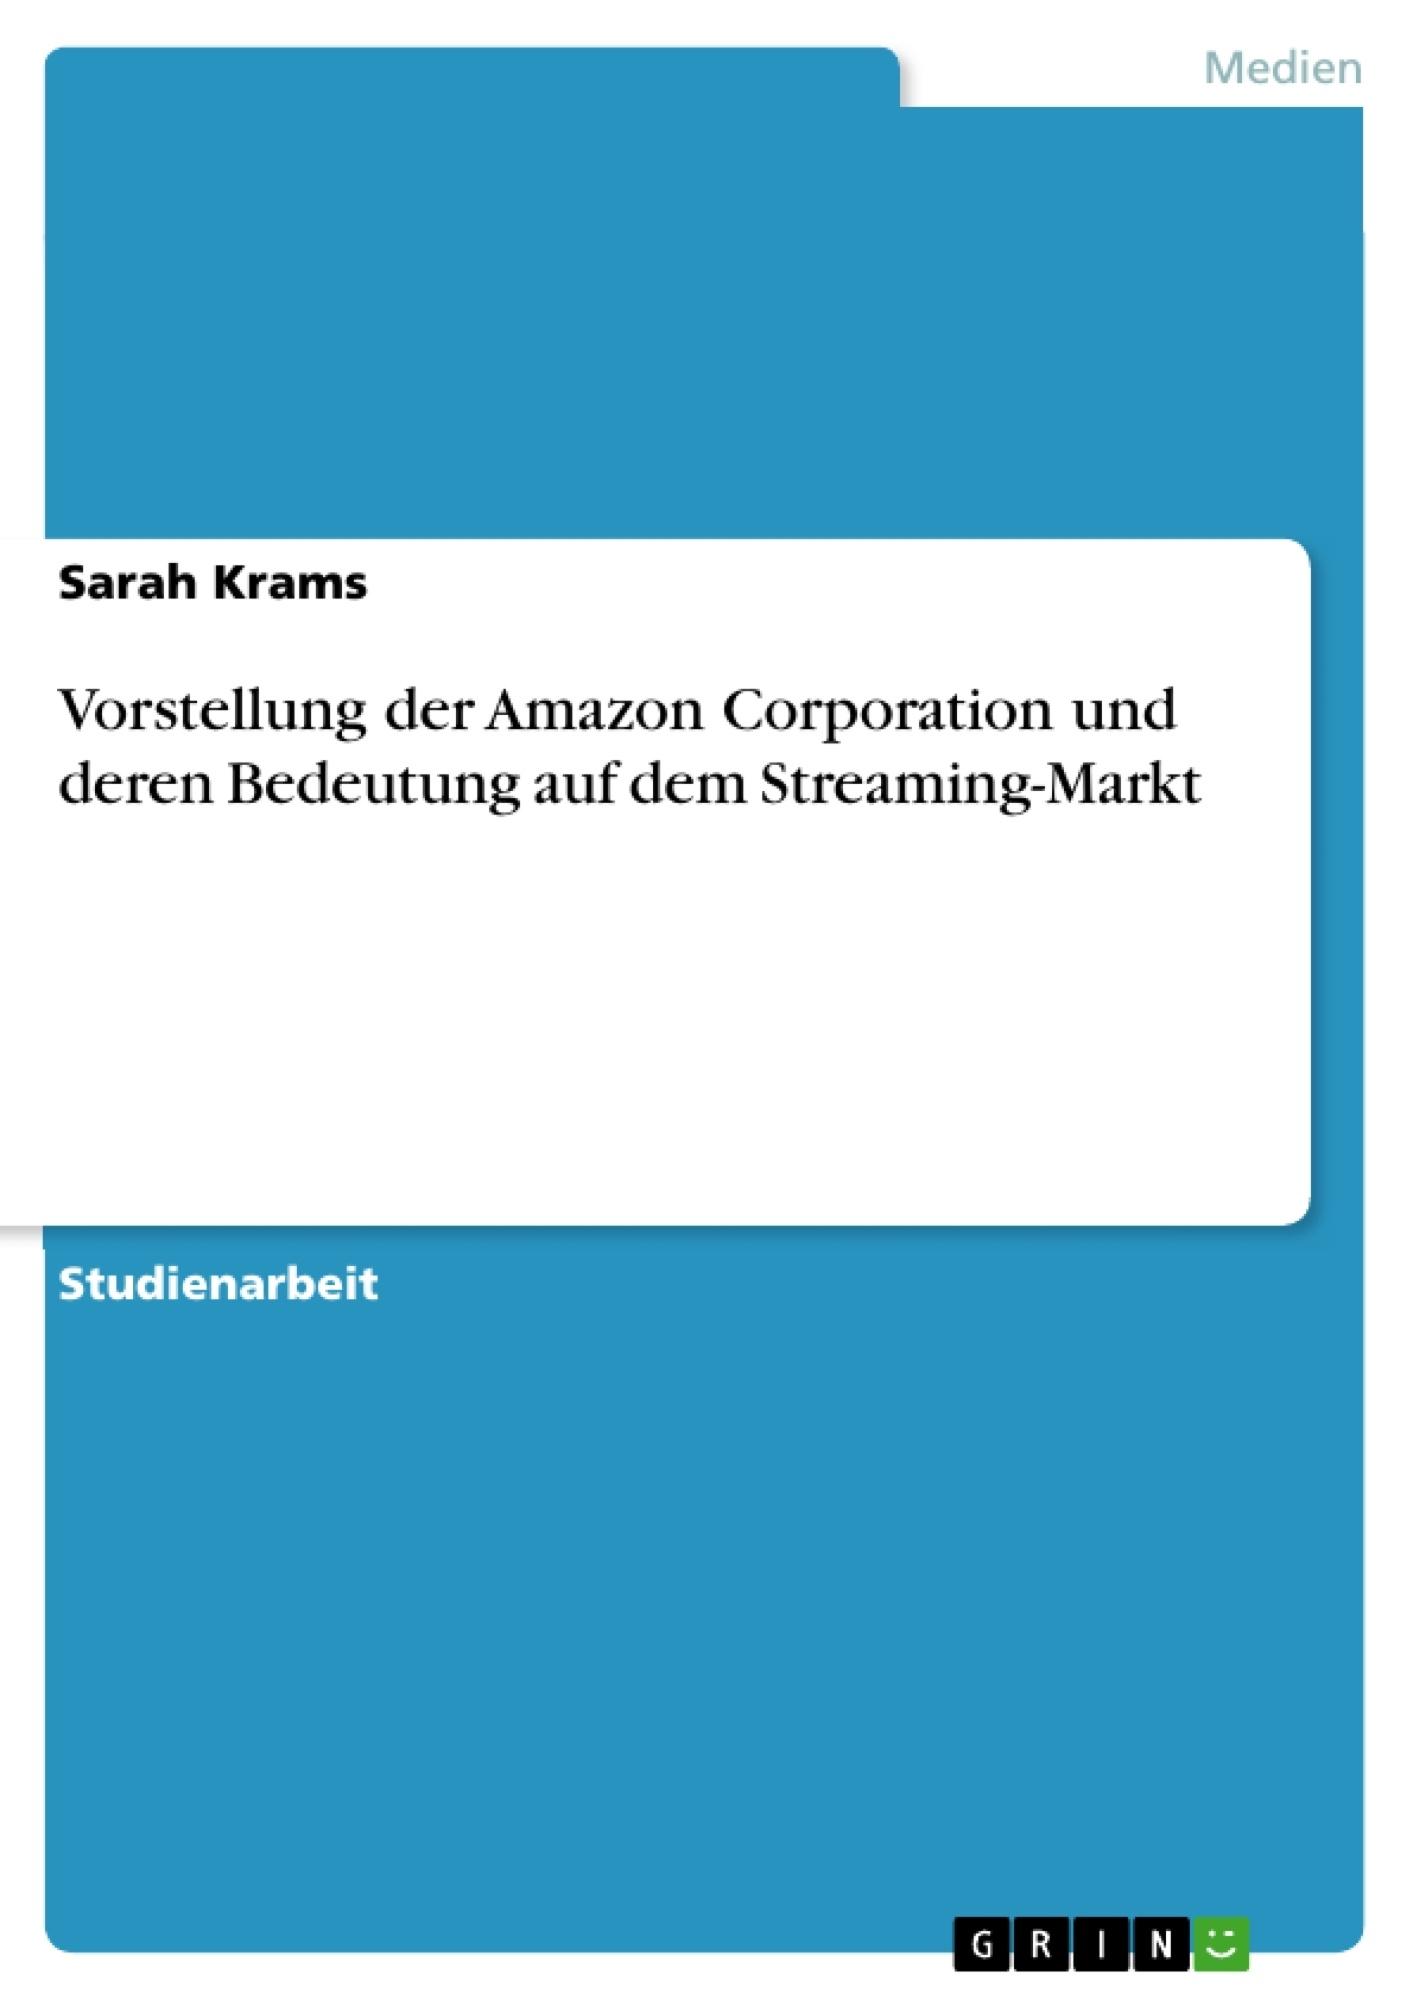 Titel: Vorstellung der Amazon Corporation und deren Bedeutung auf dem Streaming-Markt